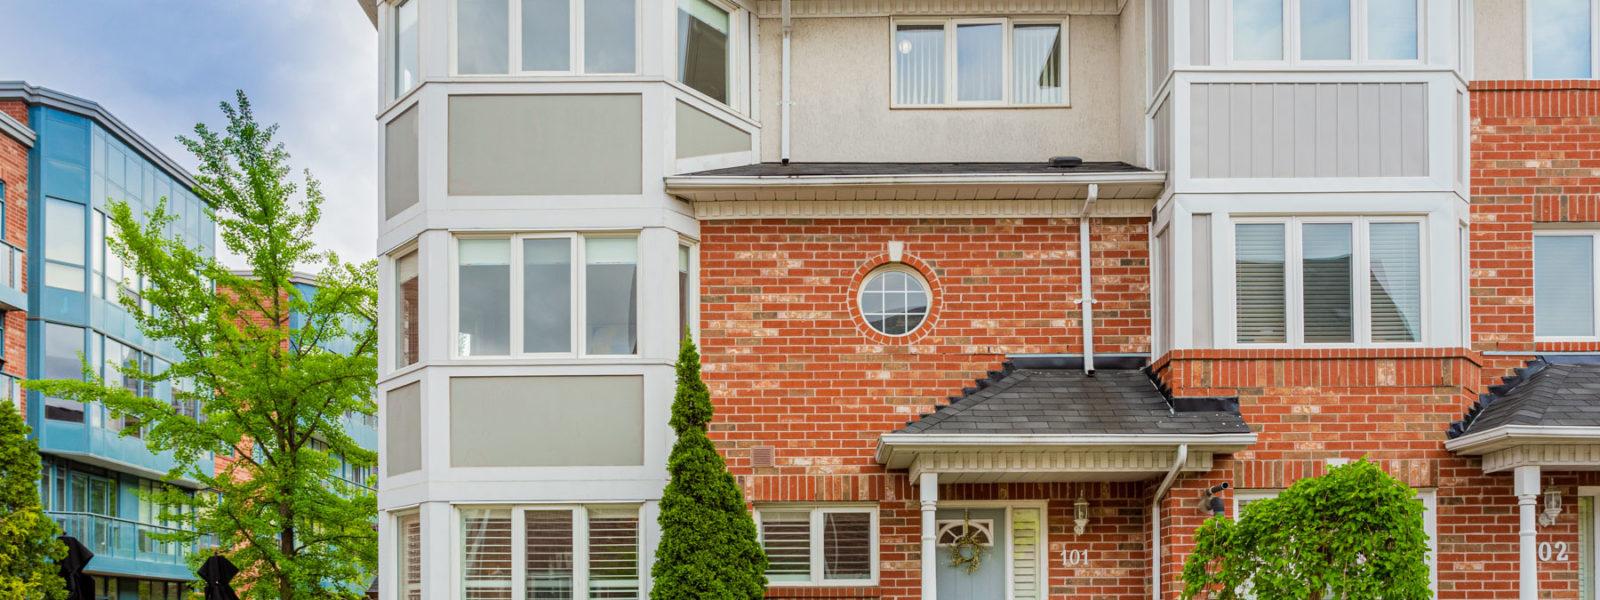 18 Clark Ave W Suite 101